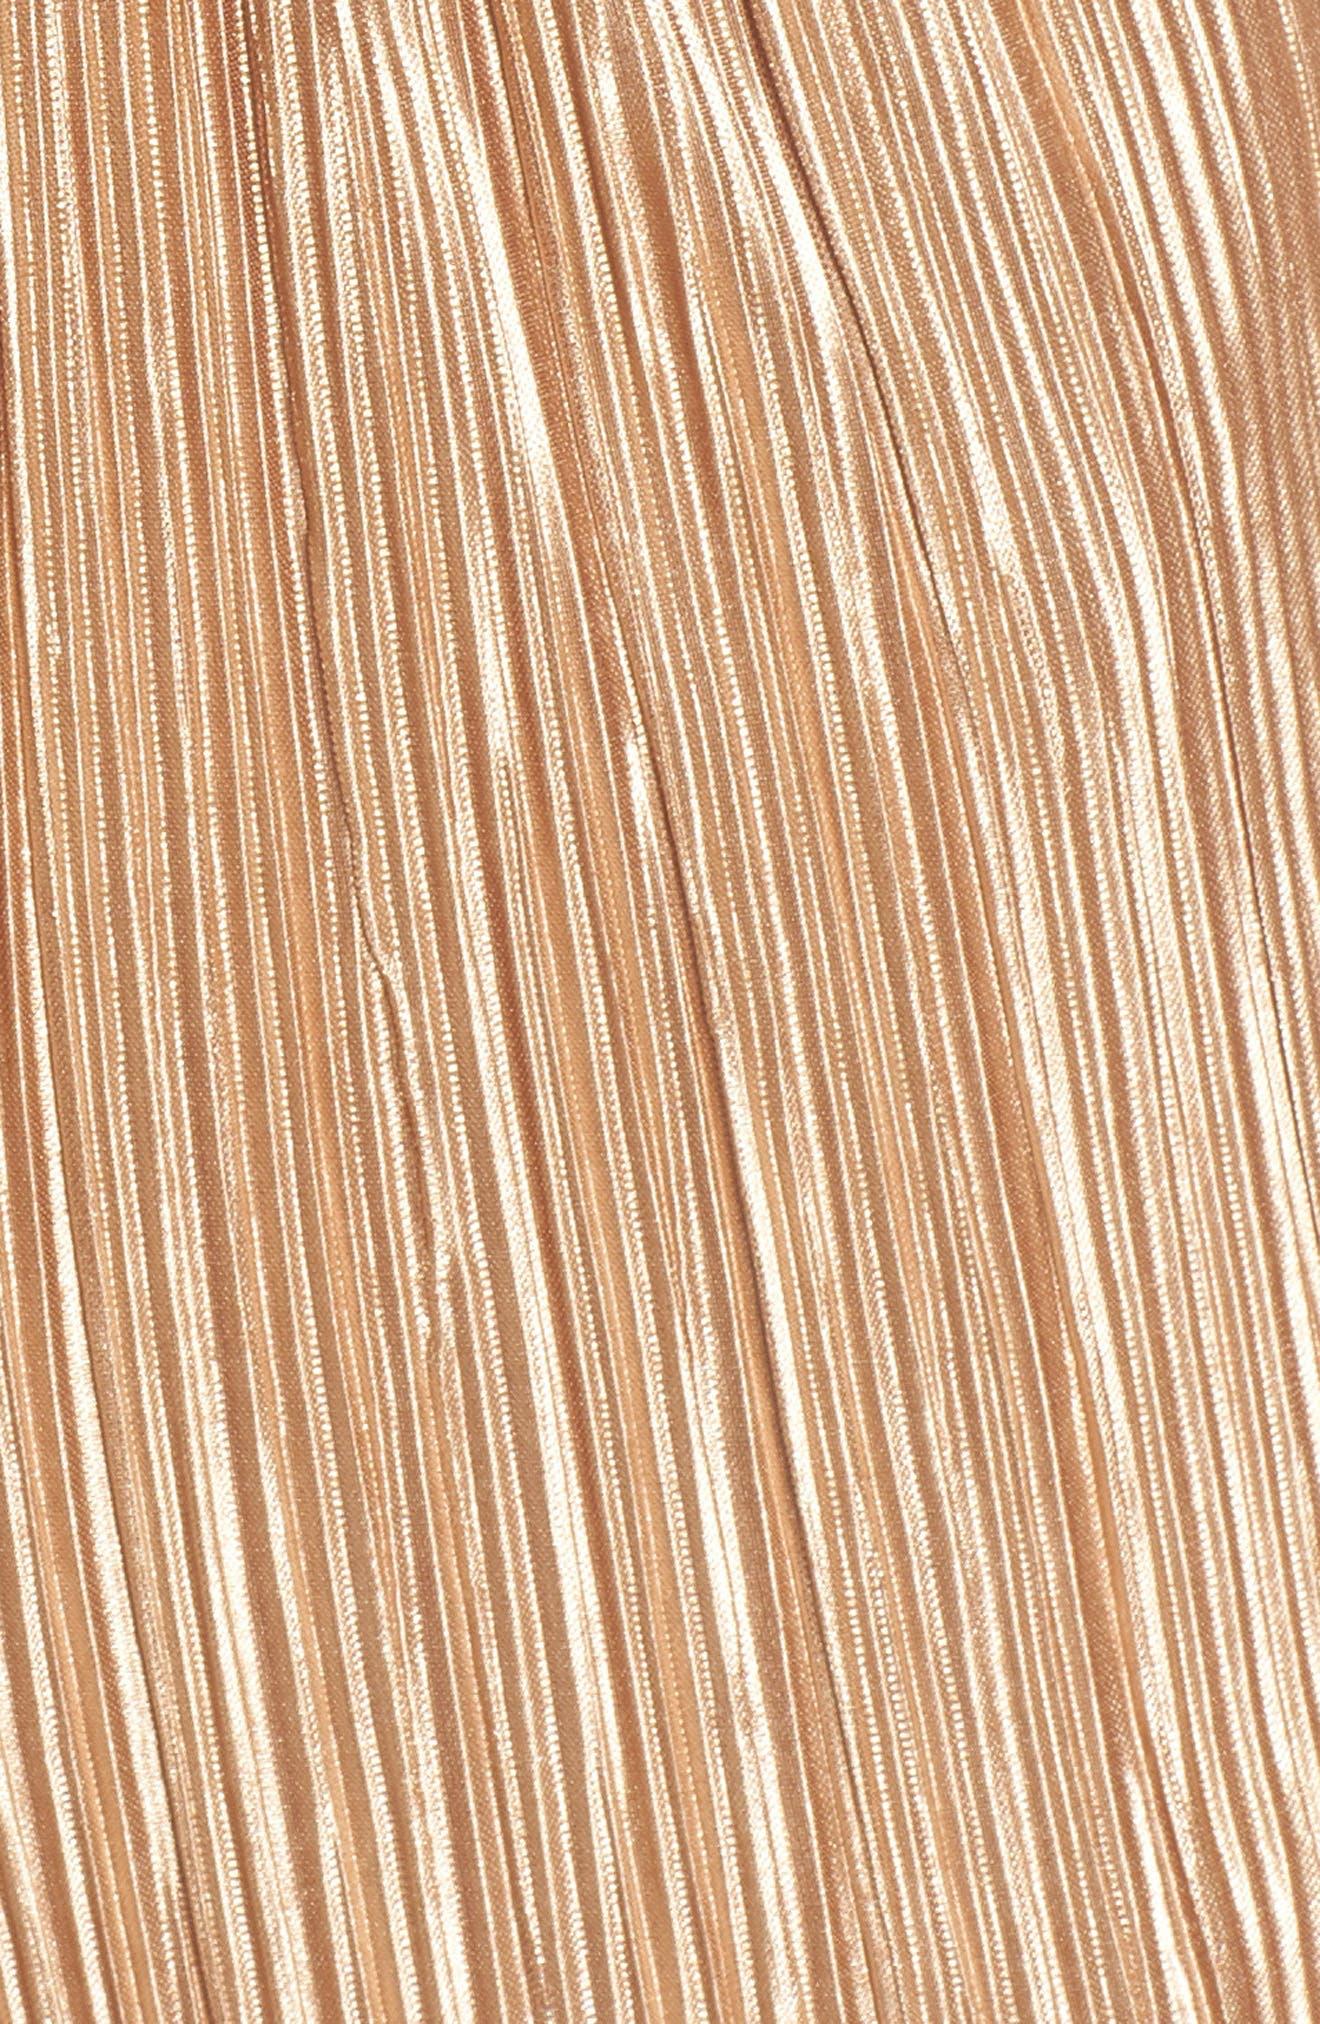 Plissé One-Shoulder Romper,                             Alternate thumbnail 5, color,                             710